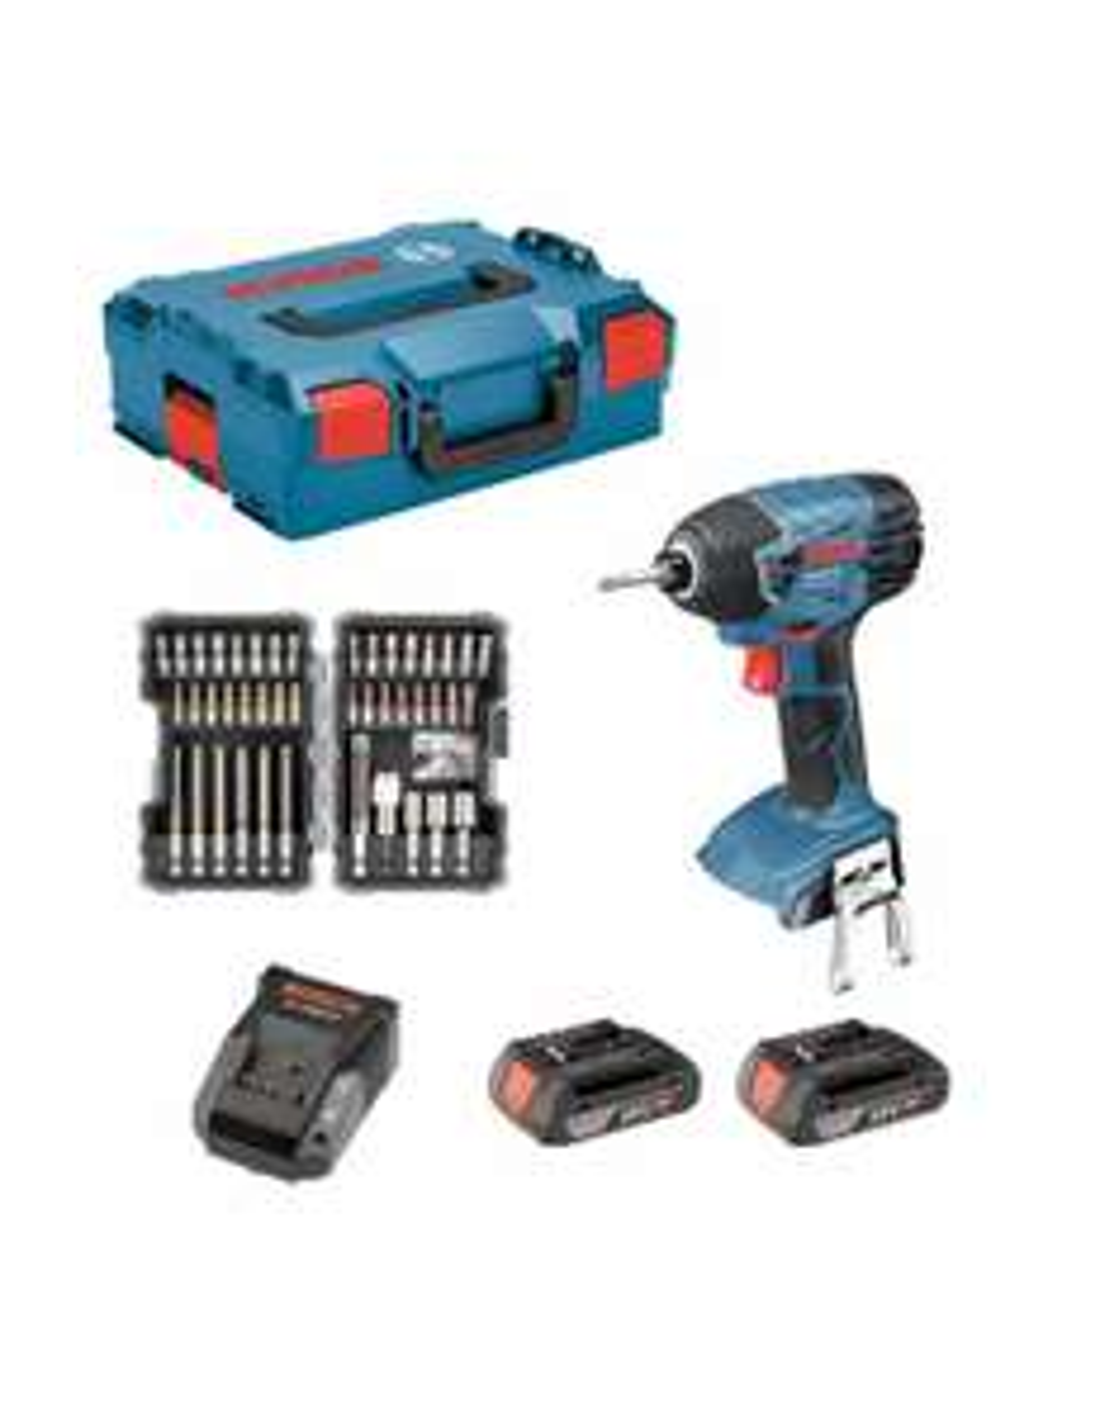 Visseuse a choc Bosch Pro GDR 18V-LI + Batteries 2 x 2,0 Ah + Chargeur AL1820CV + L-BOXX 136 + Jeux 43 pièces